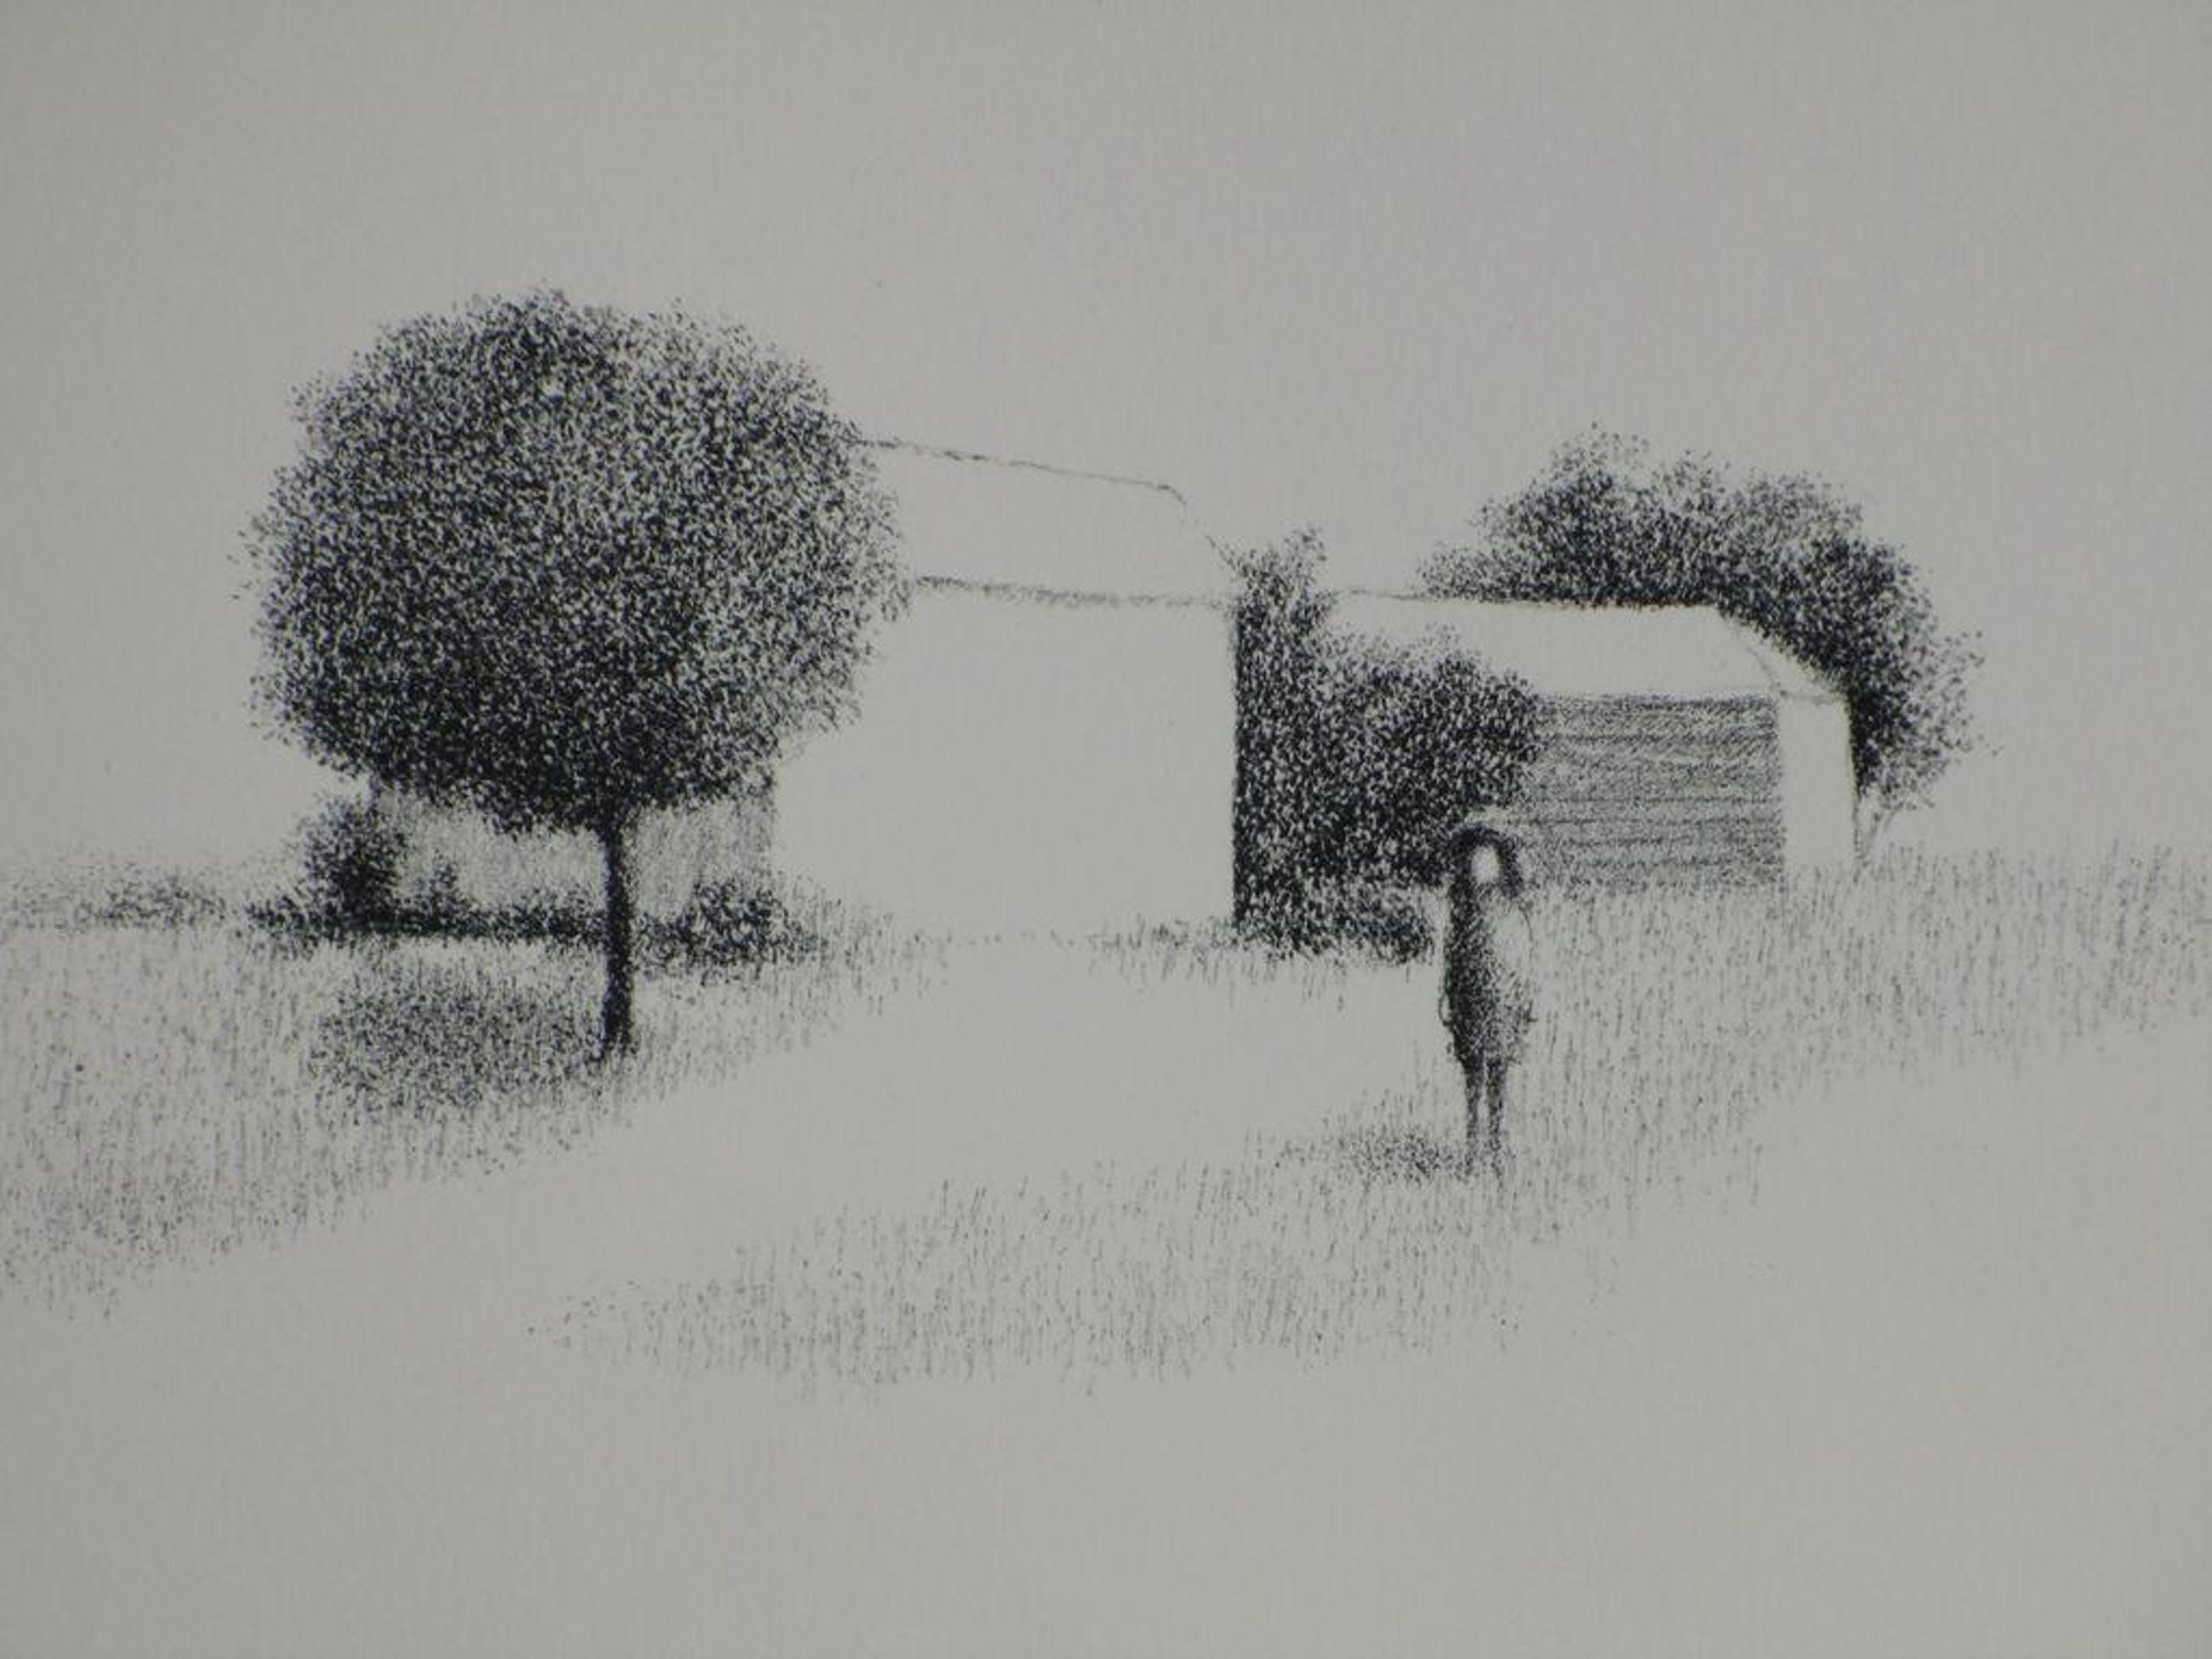 Metten Koornstra, Meisje in surrealistisch landschap, Litho kopen? Bied vanaf 75!